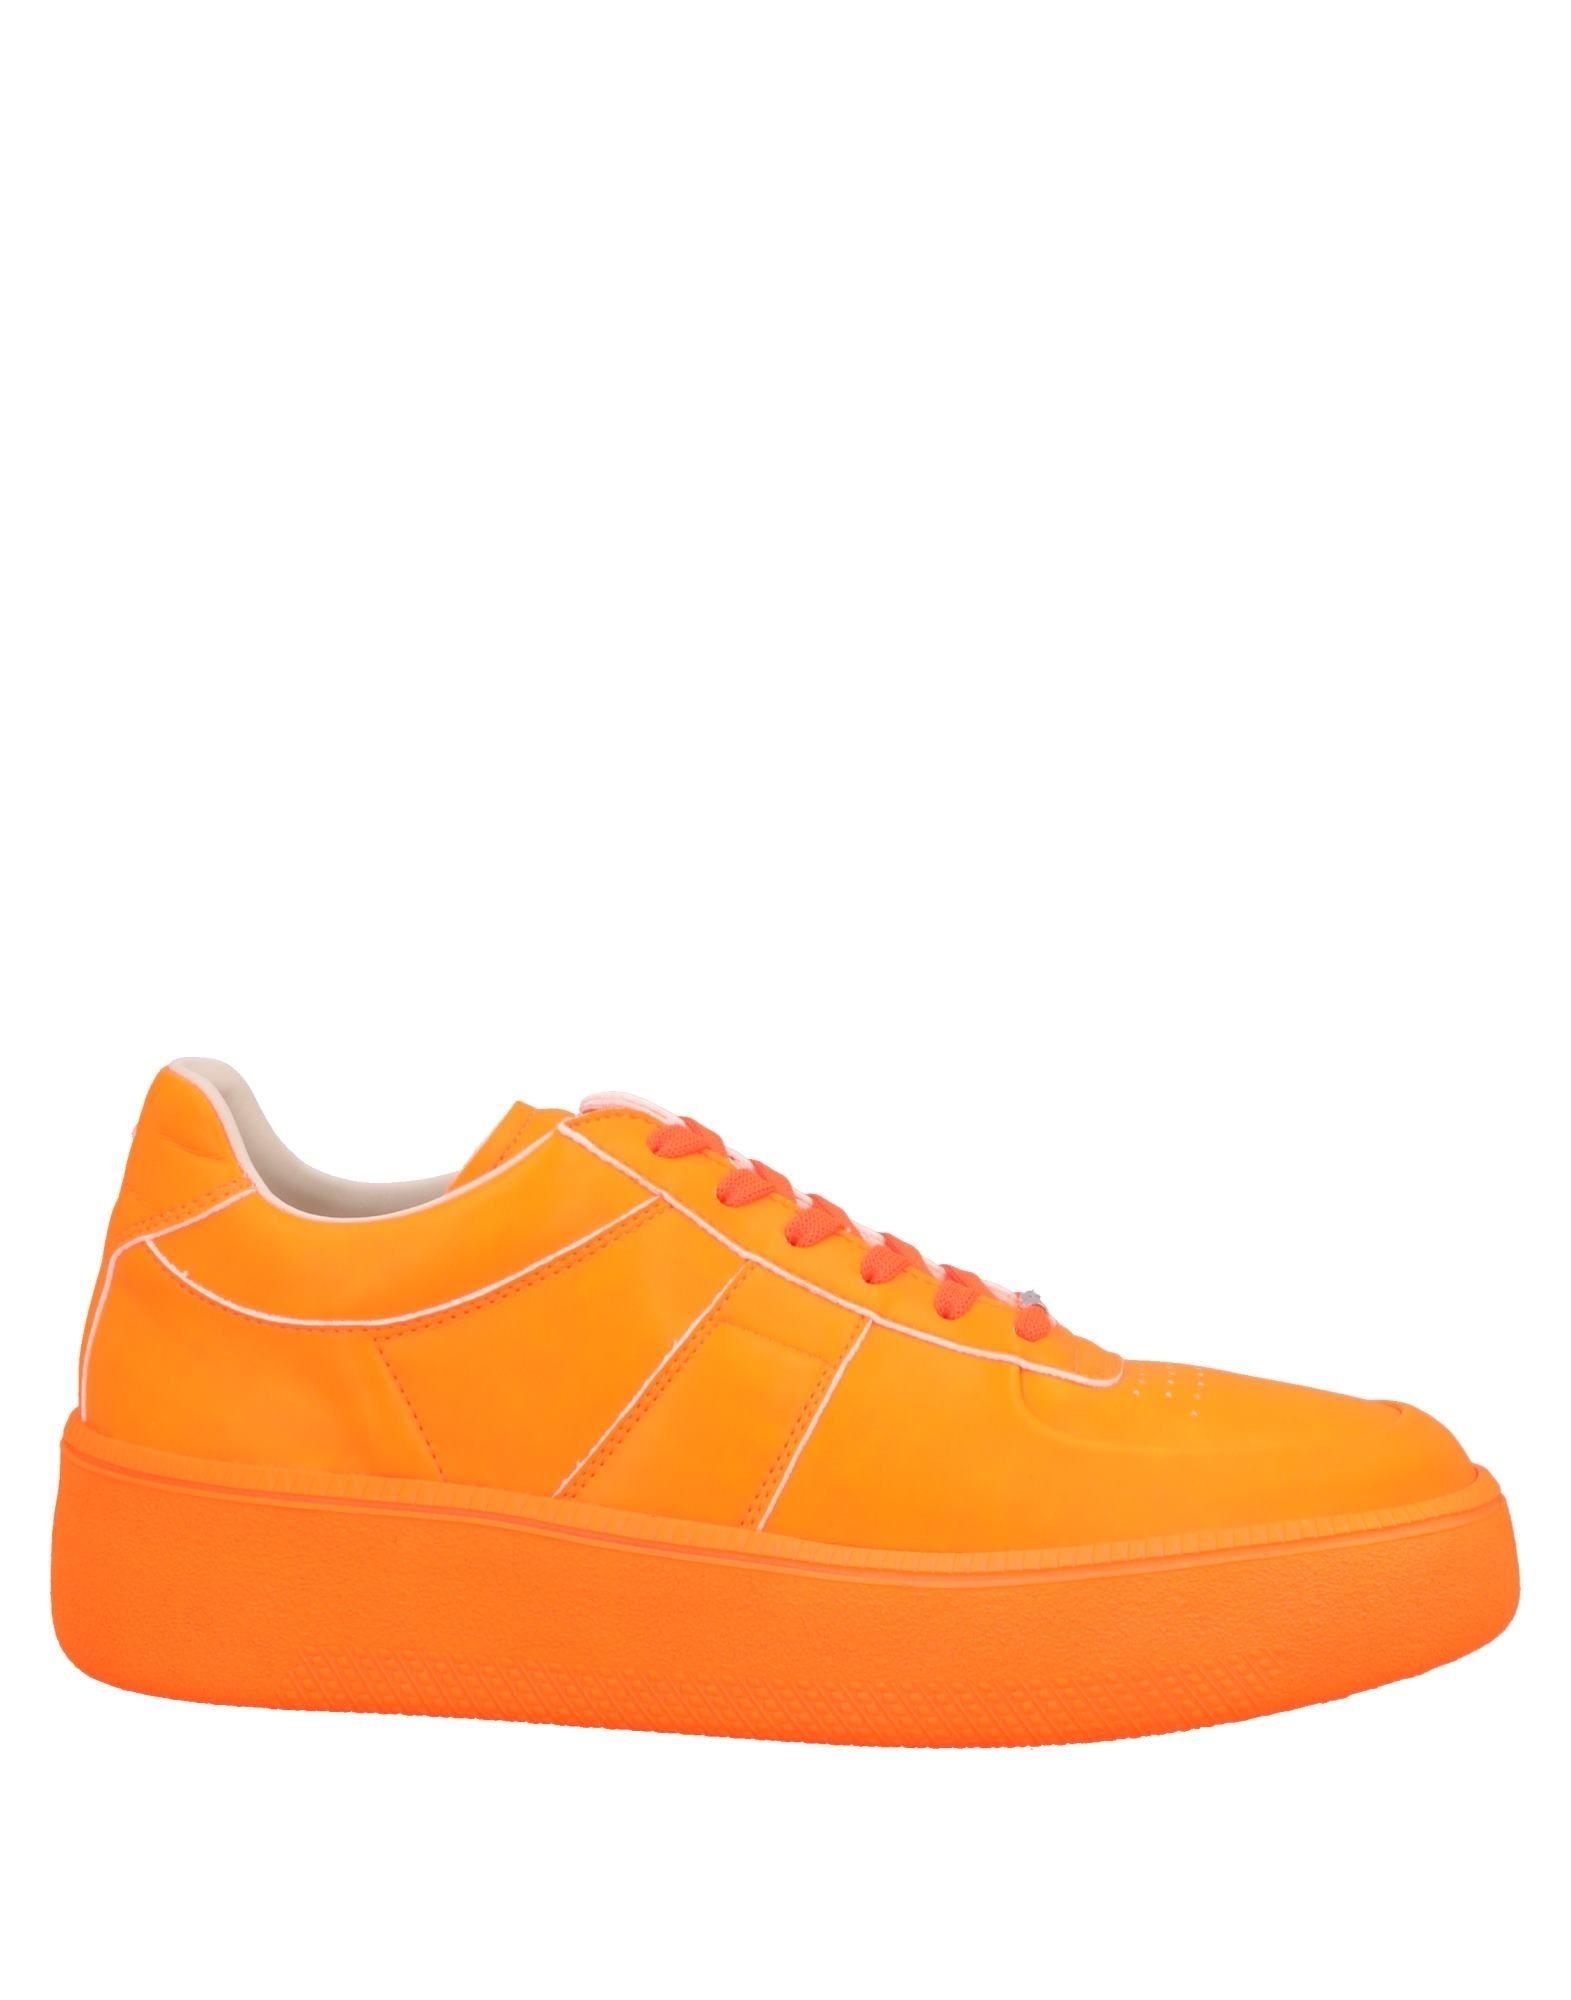 《送料無料》MAISON MARGIELA メンズ スニーカー&テニスシューズ(ローカット) オレンジ 40 紡績繊維